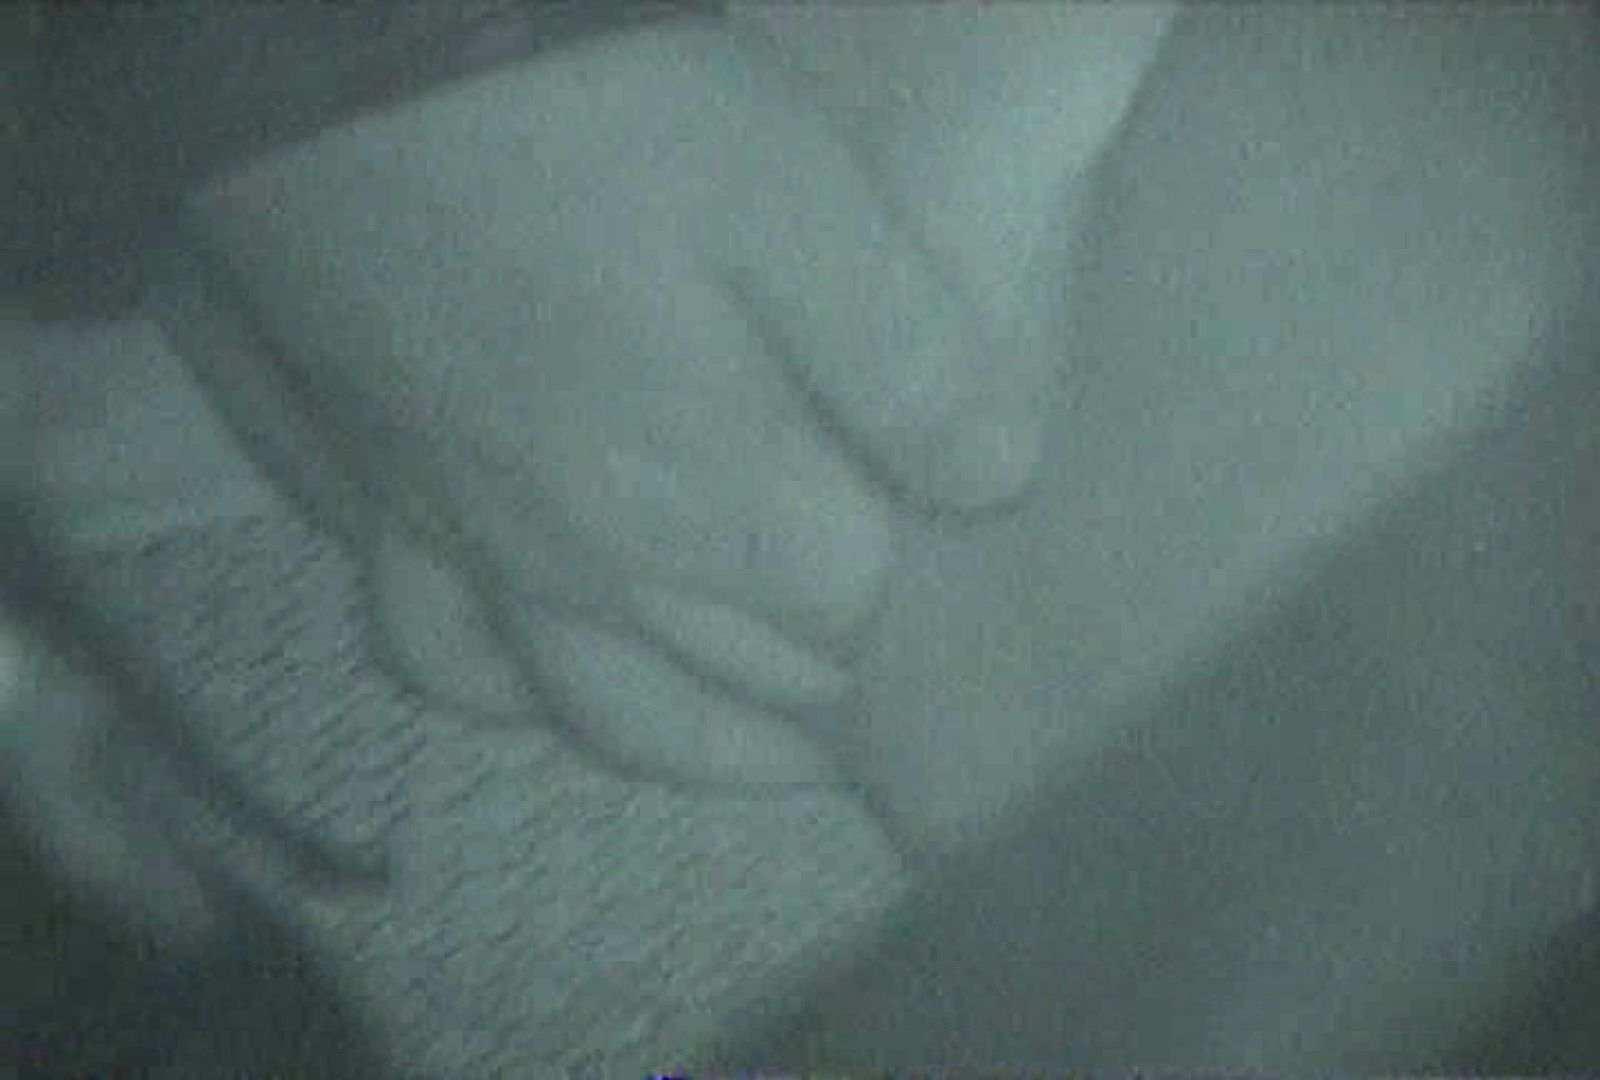 充血監督の深夜の運動会Vol.60 お姉さん丸裸 アダルト動画キャプチャ 90pic 59